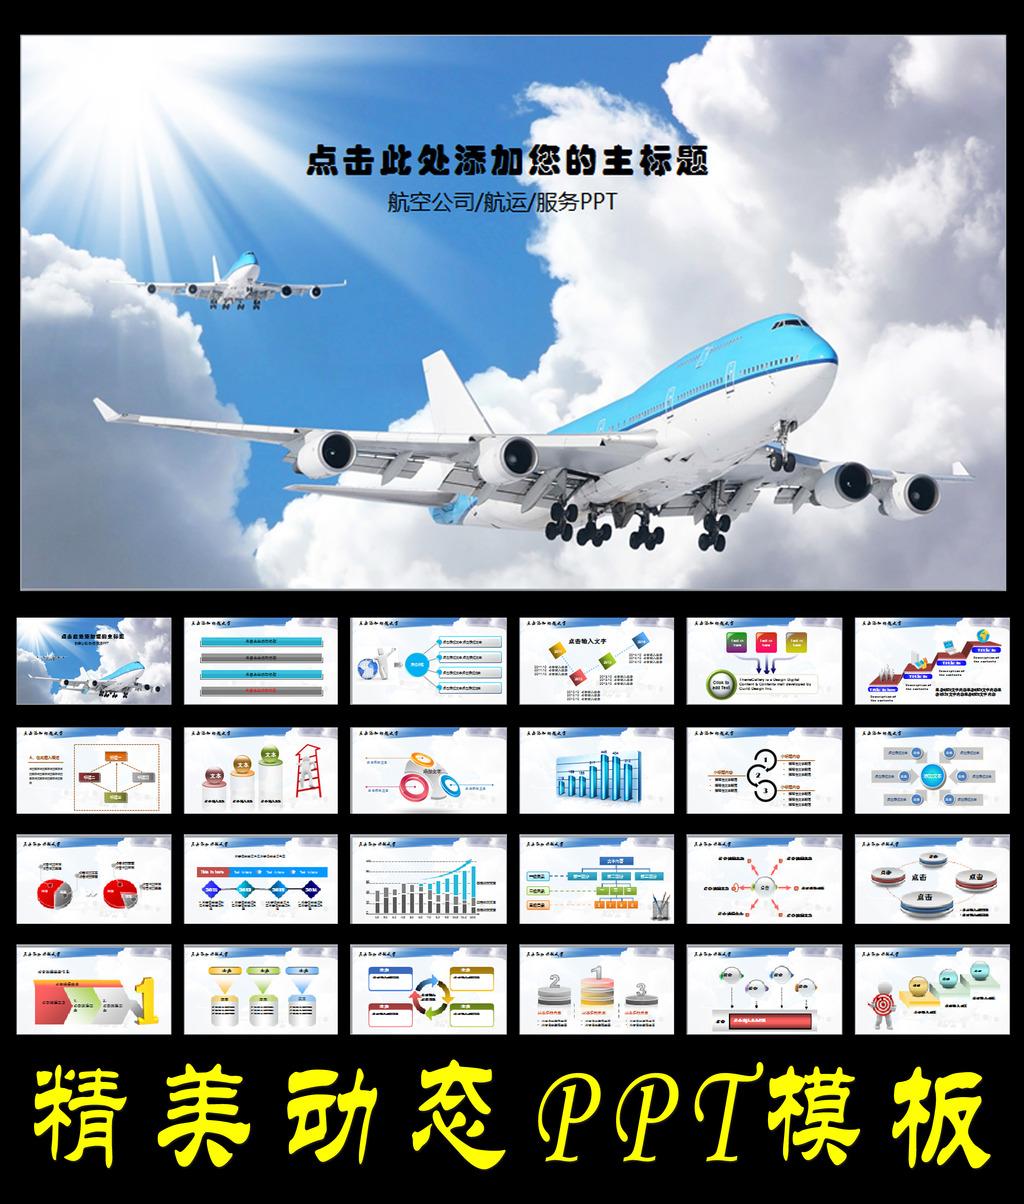 大气航空公司民航局飞机动态ppt模板